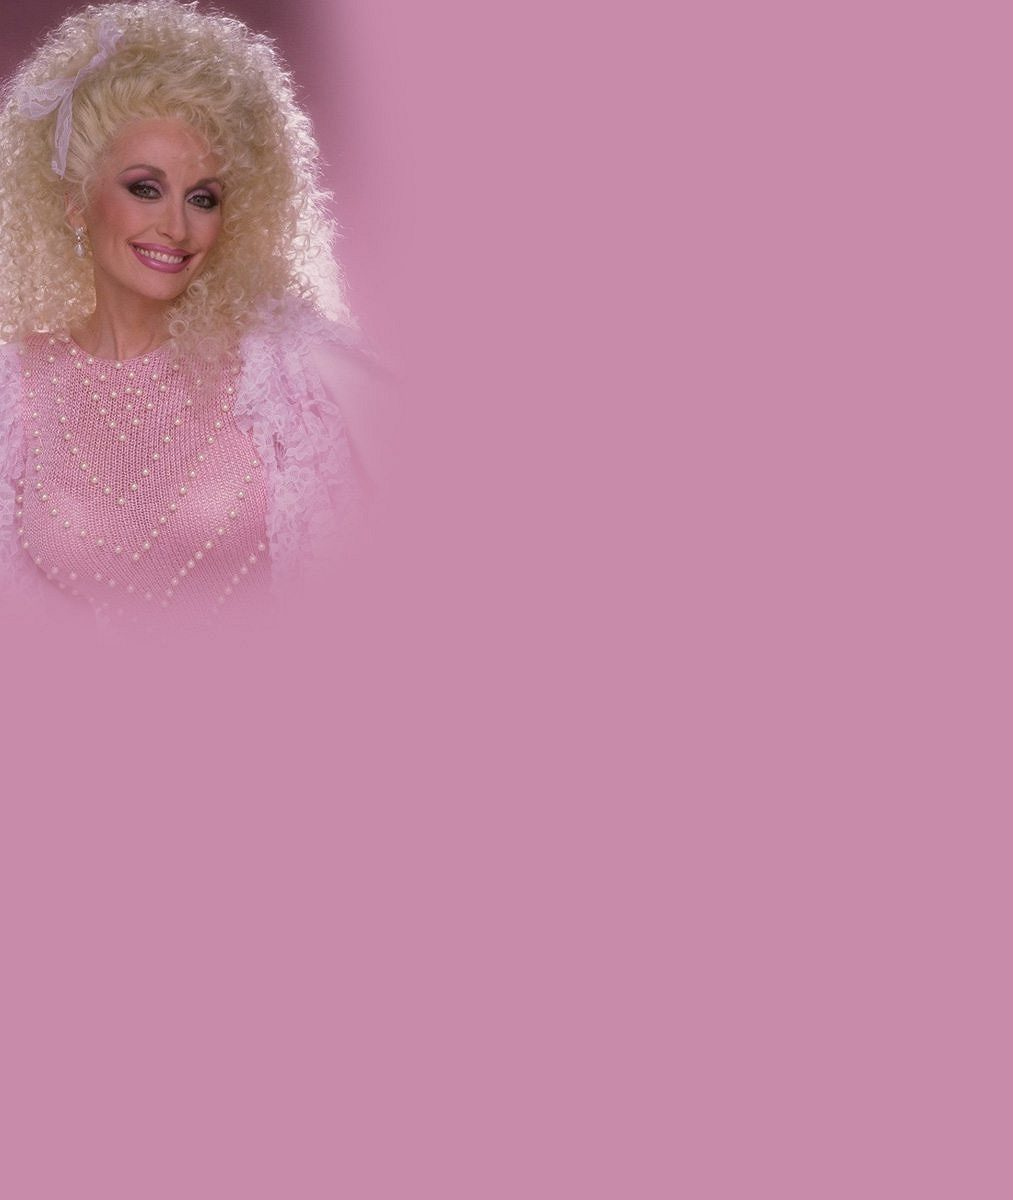 Obří hrudník, nevkusné modely a peroxidové peklo na hlavě: Tahle stárnoucí zpěvačka se své image prostě nevzdá